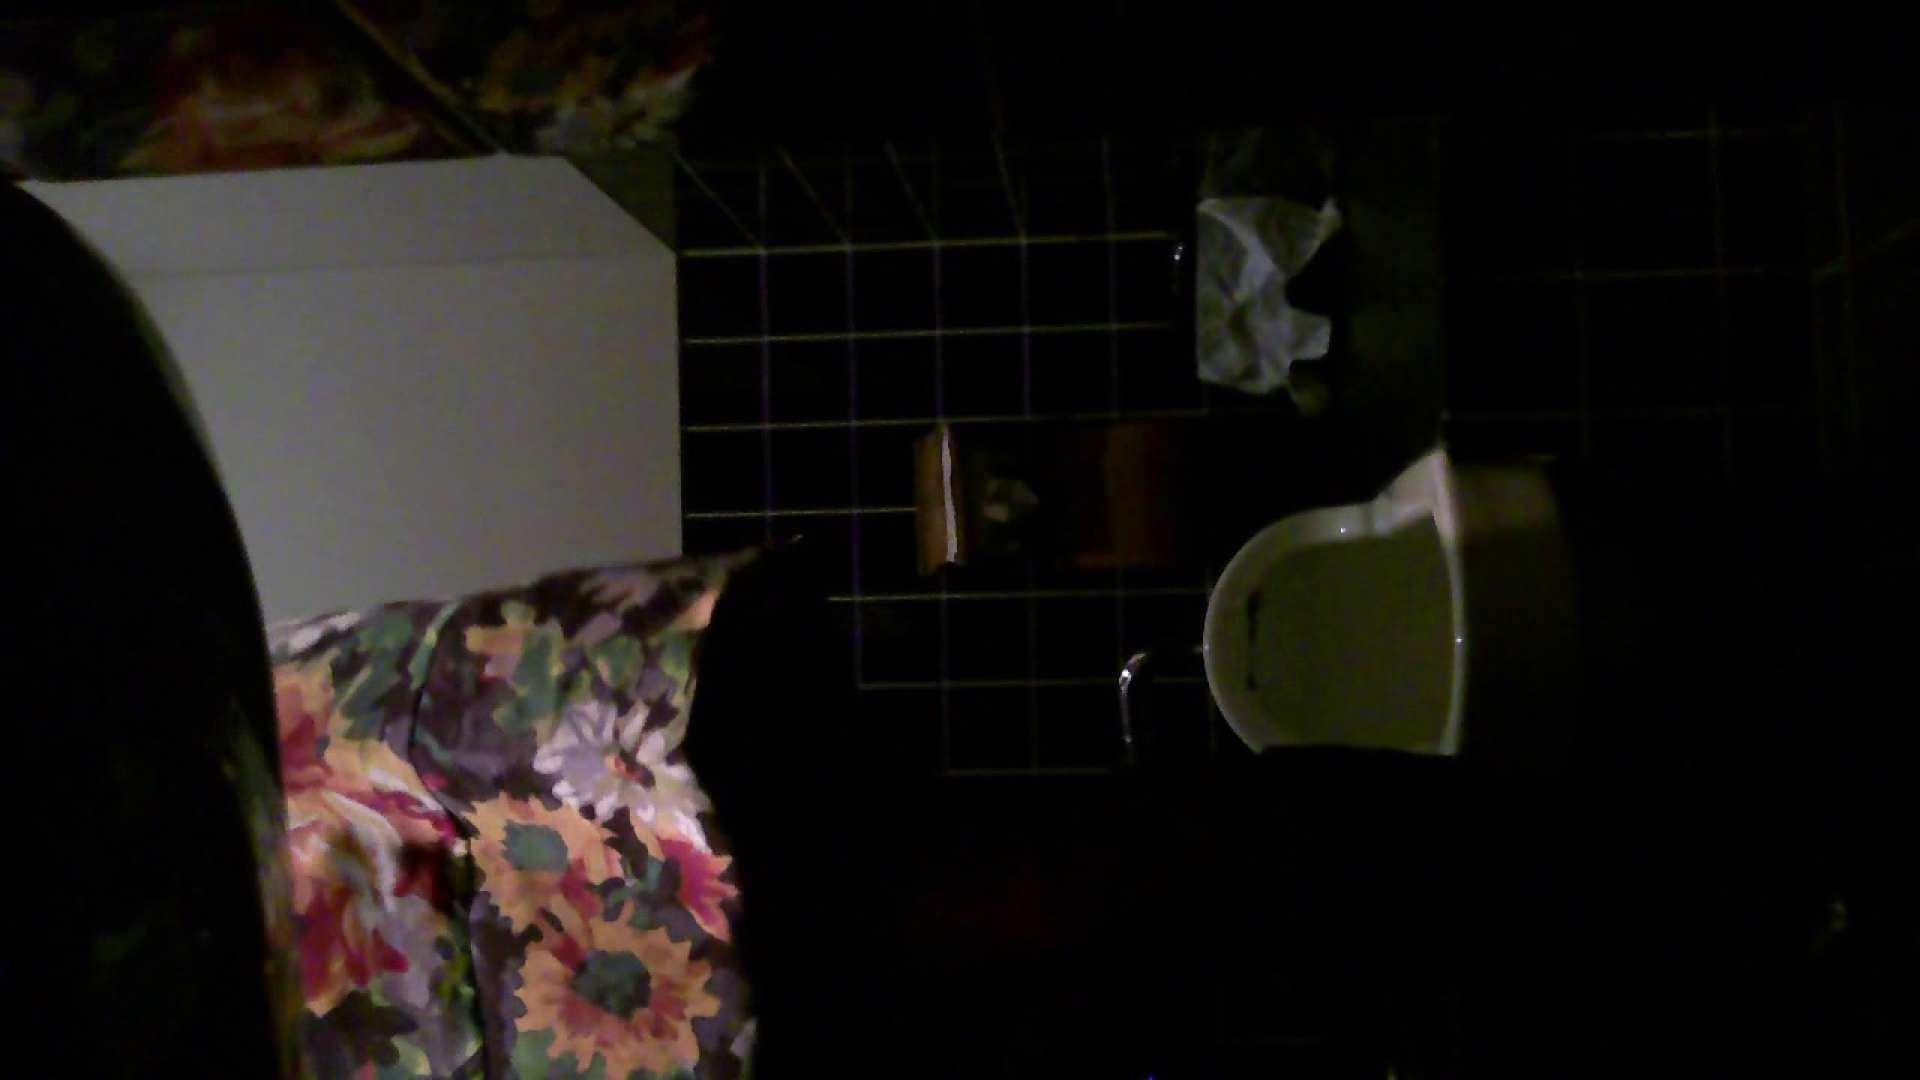 美女の集まる飲み屋洗面所 vol.04 エロティックなOL  76画像 76